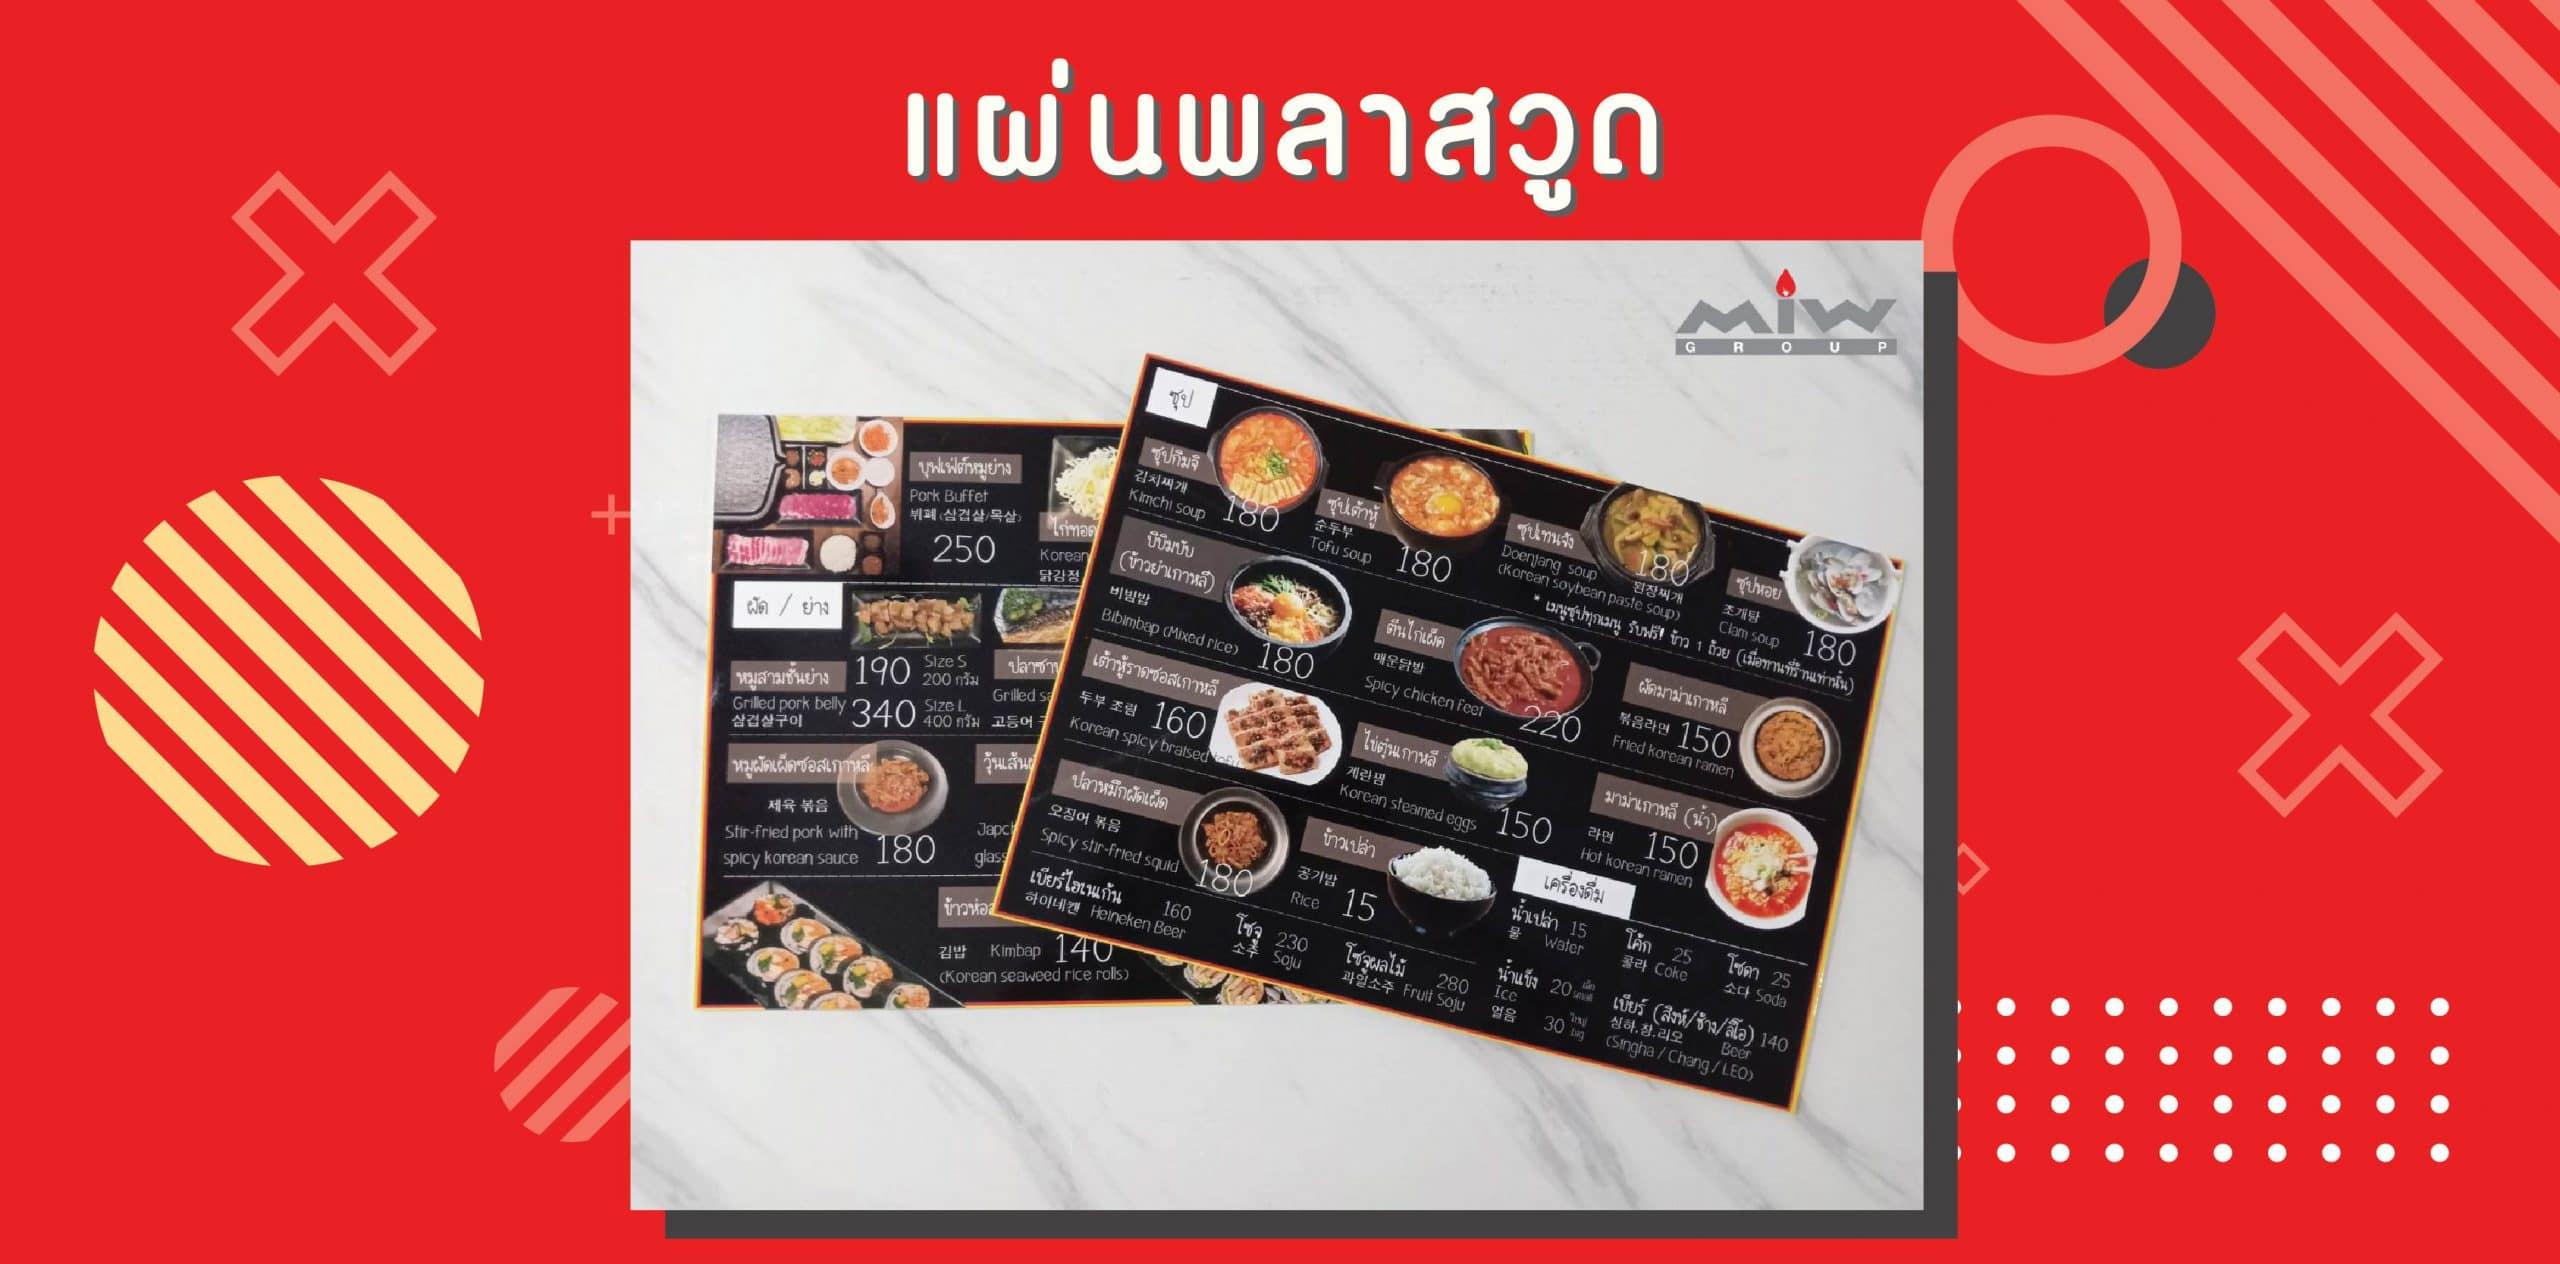 Plate menu 03 scaled - เมนูแบบแผ่นเหมาะกับธุรกิจอะไรบ้าง